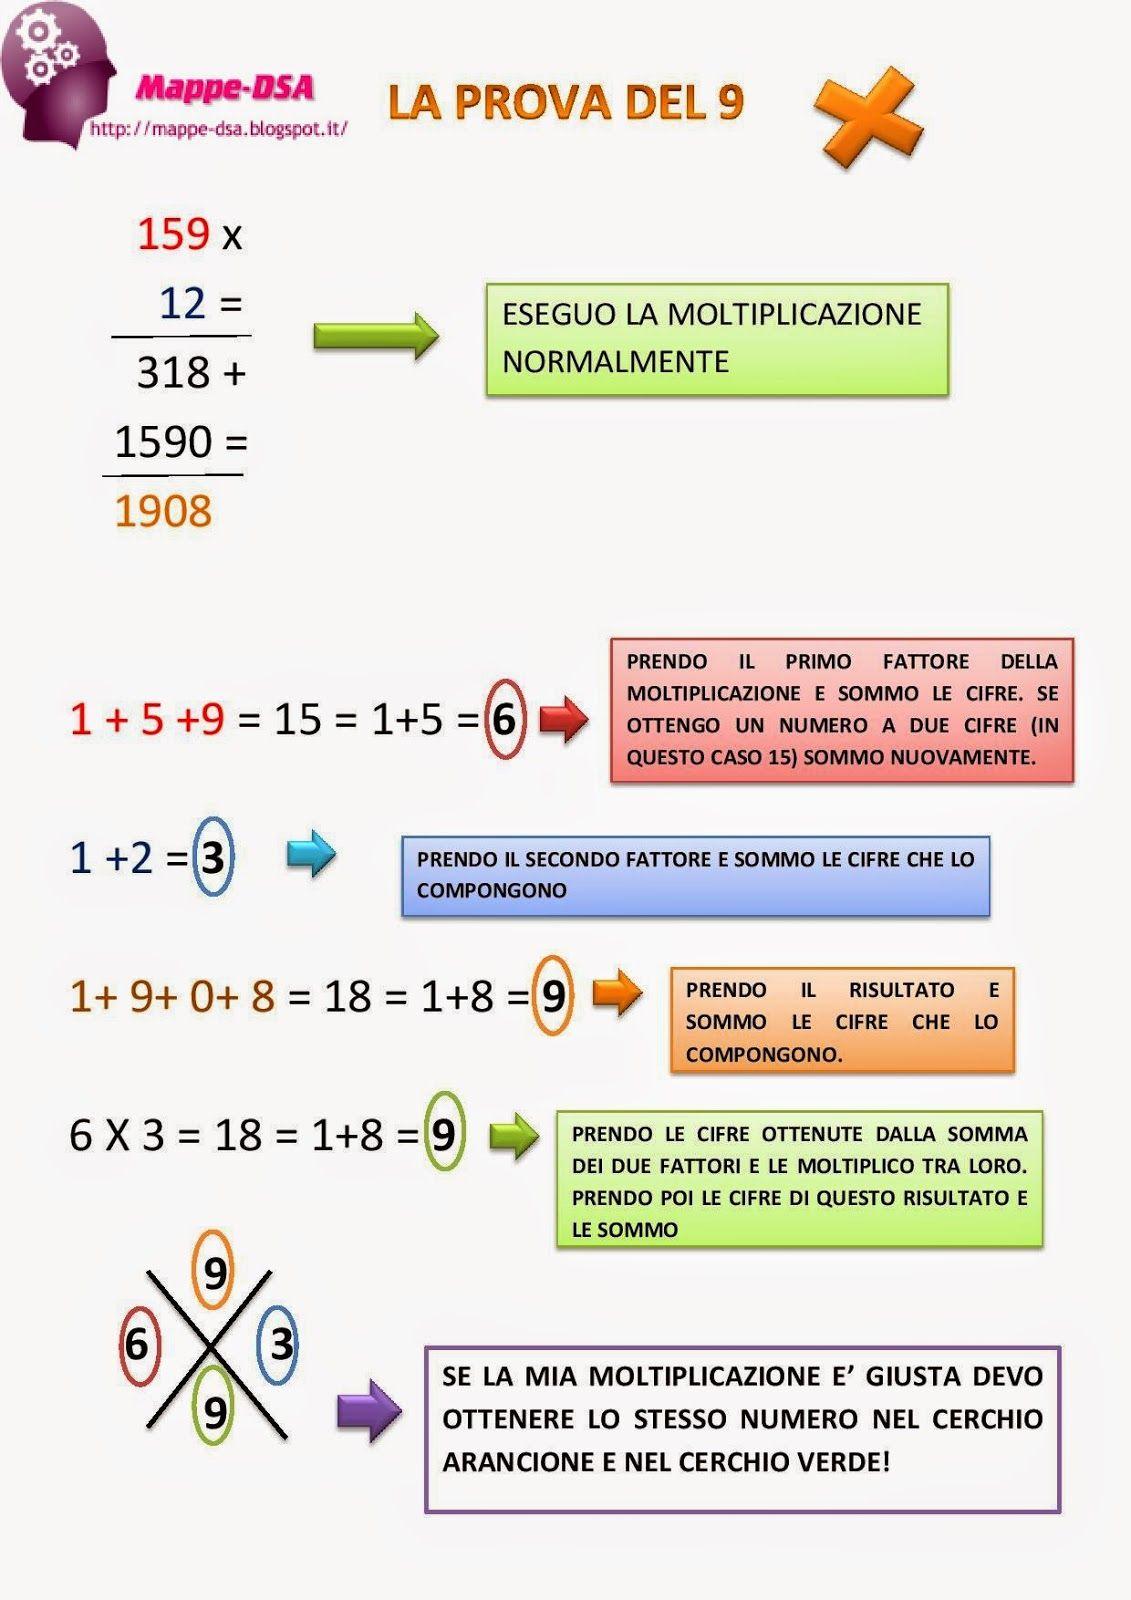 LA PROVA DEL 9 | Matematica scuola media, Matematica ...